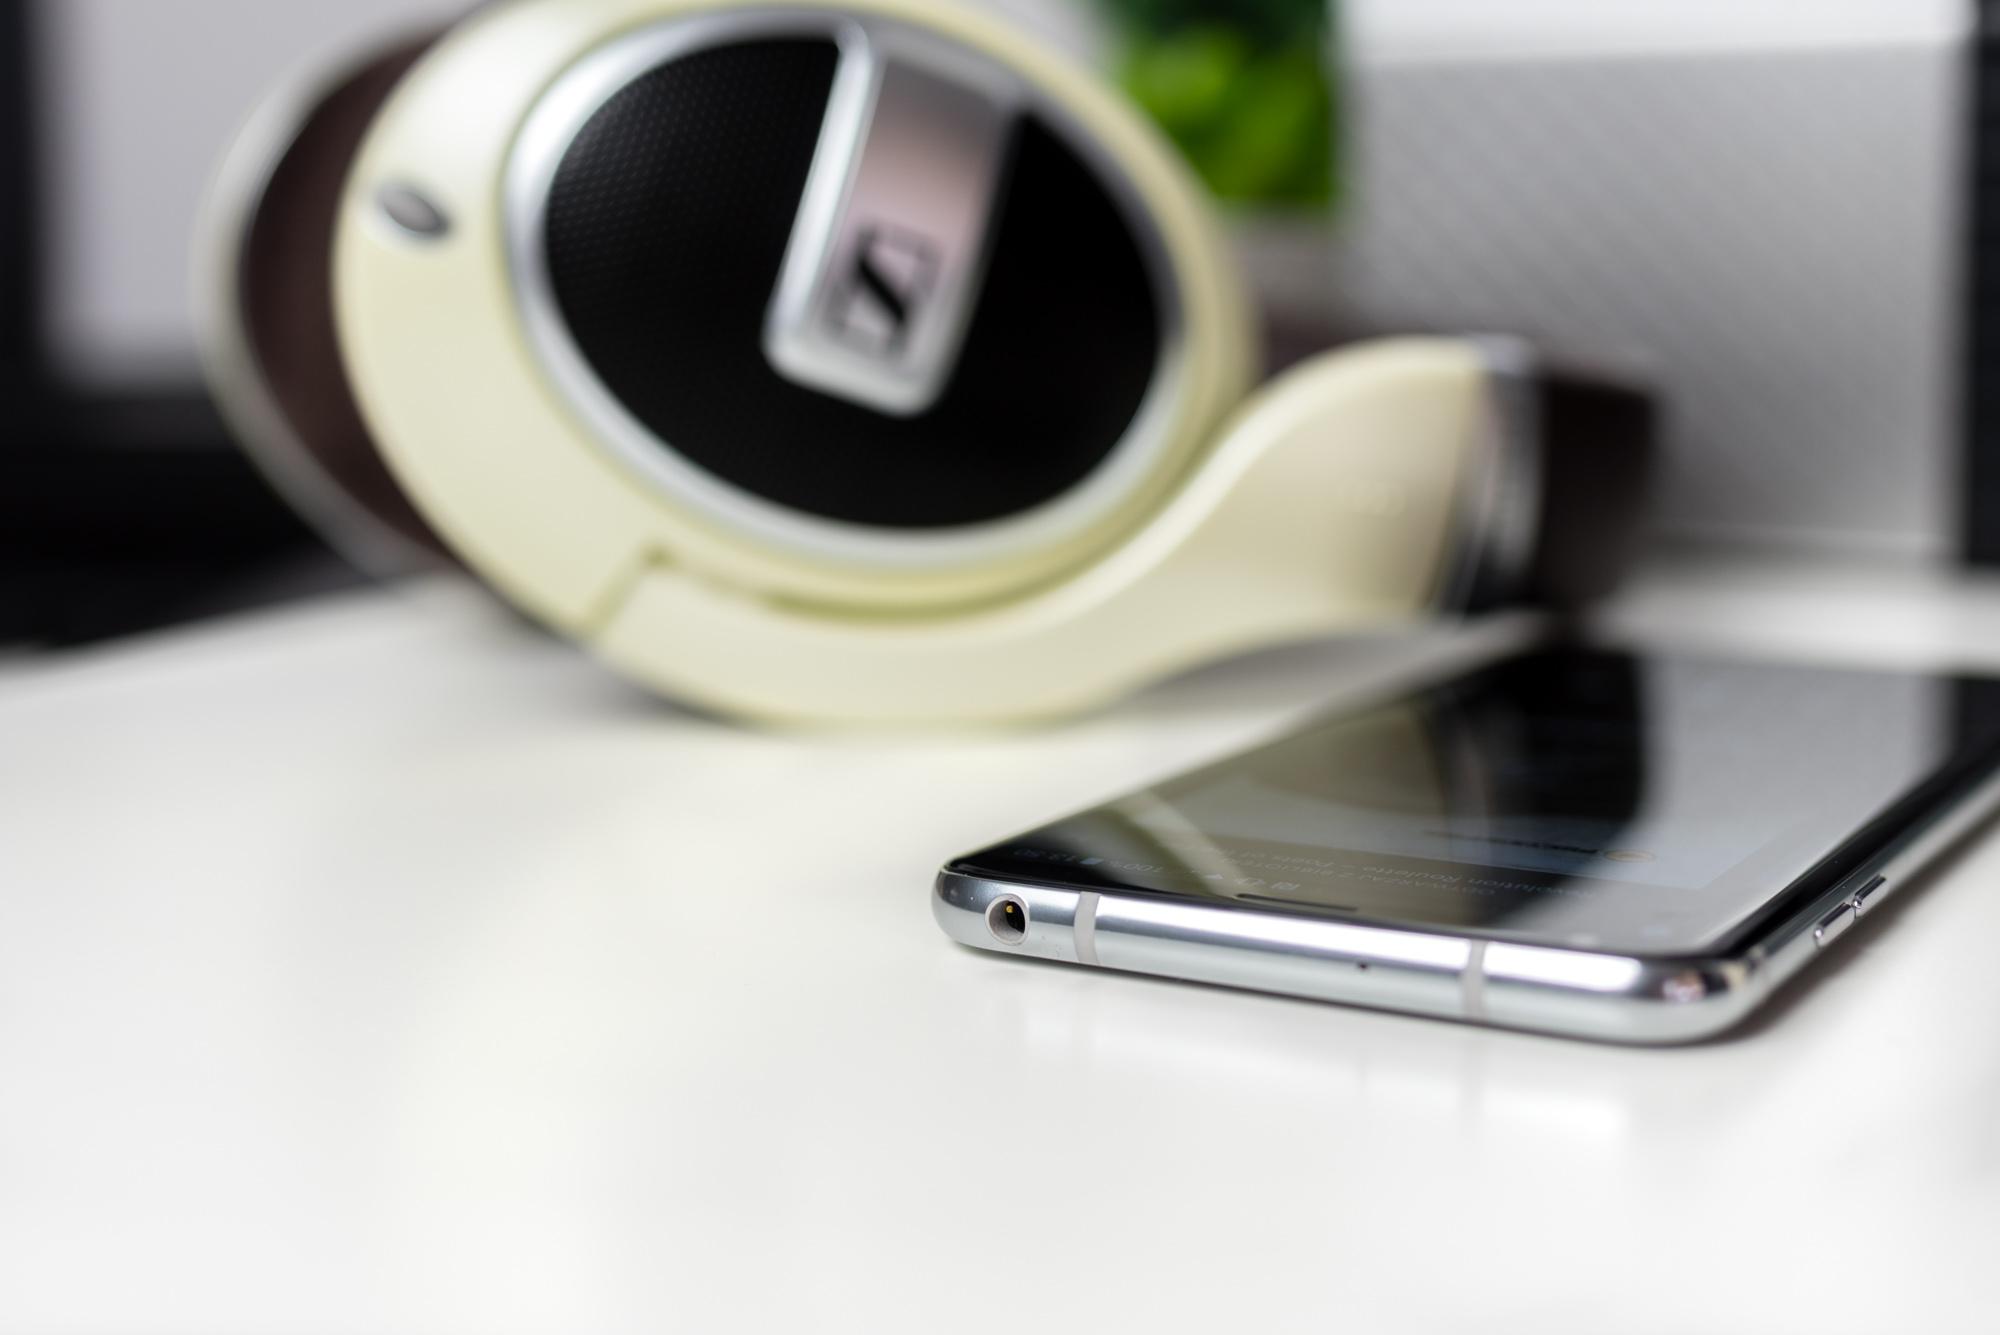 Jak wybrać najlepszy smartfon muzyczny z nowoczesnym gniazdem słuchawkowym?